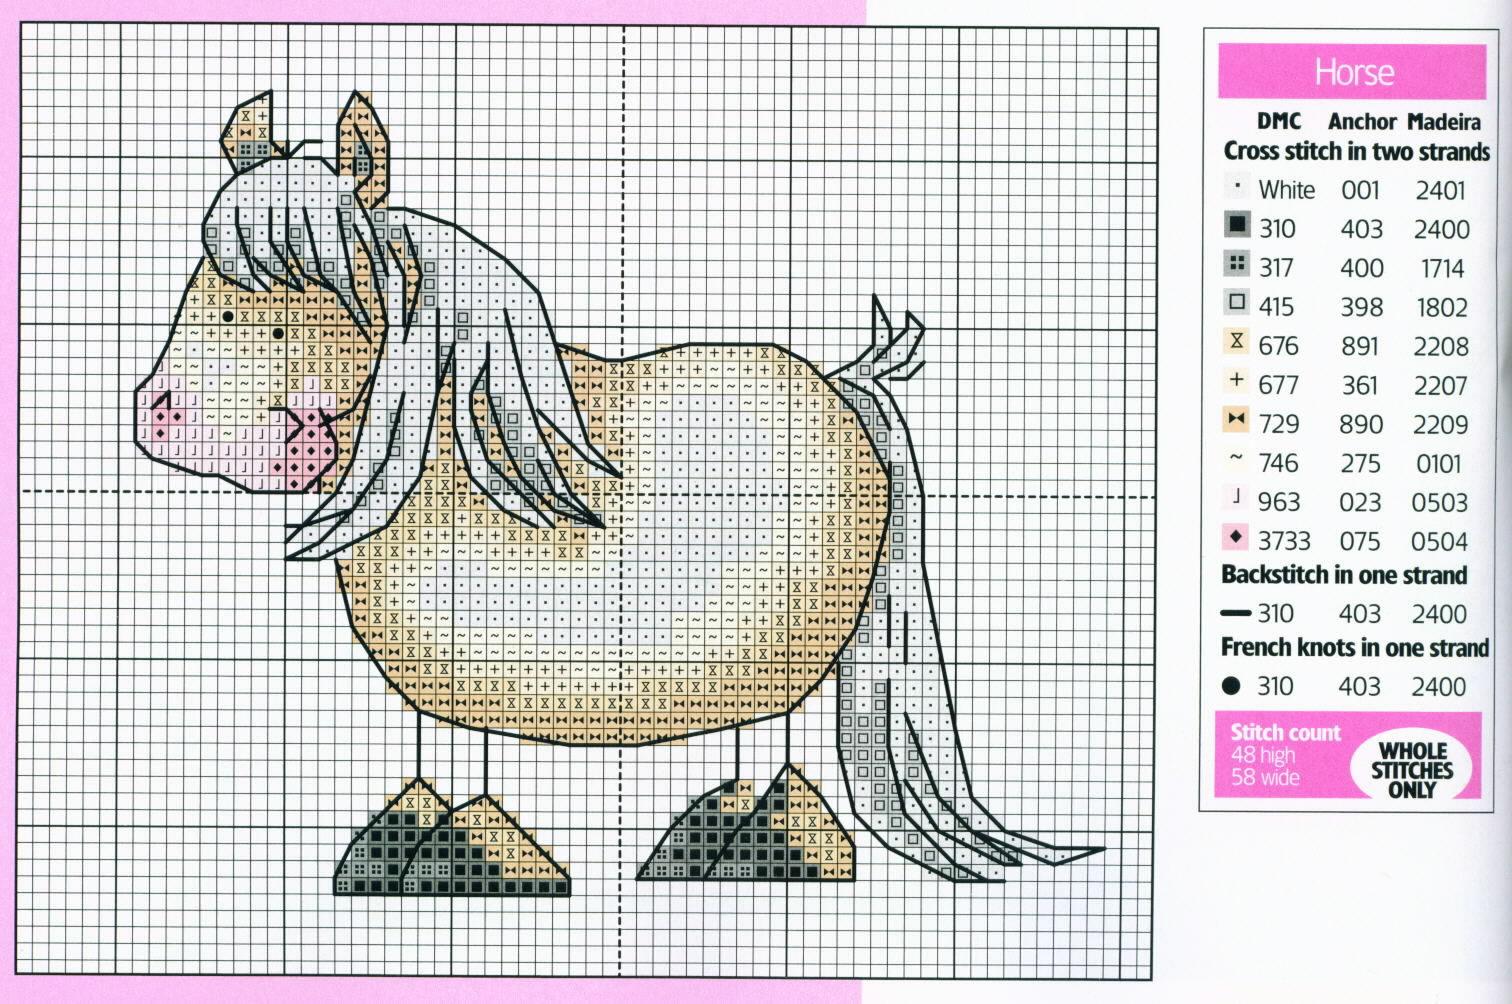 Рукоделие вышивка крестом лошади